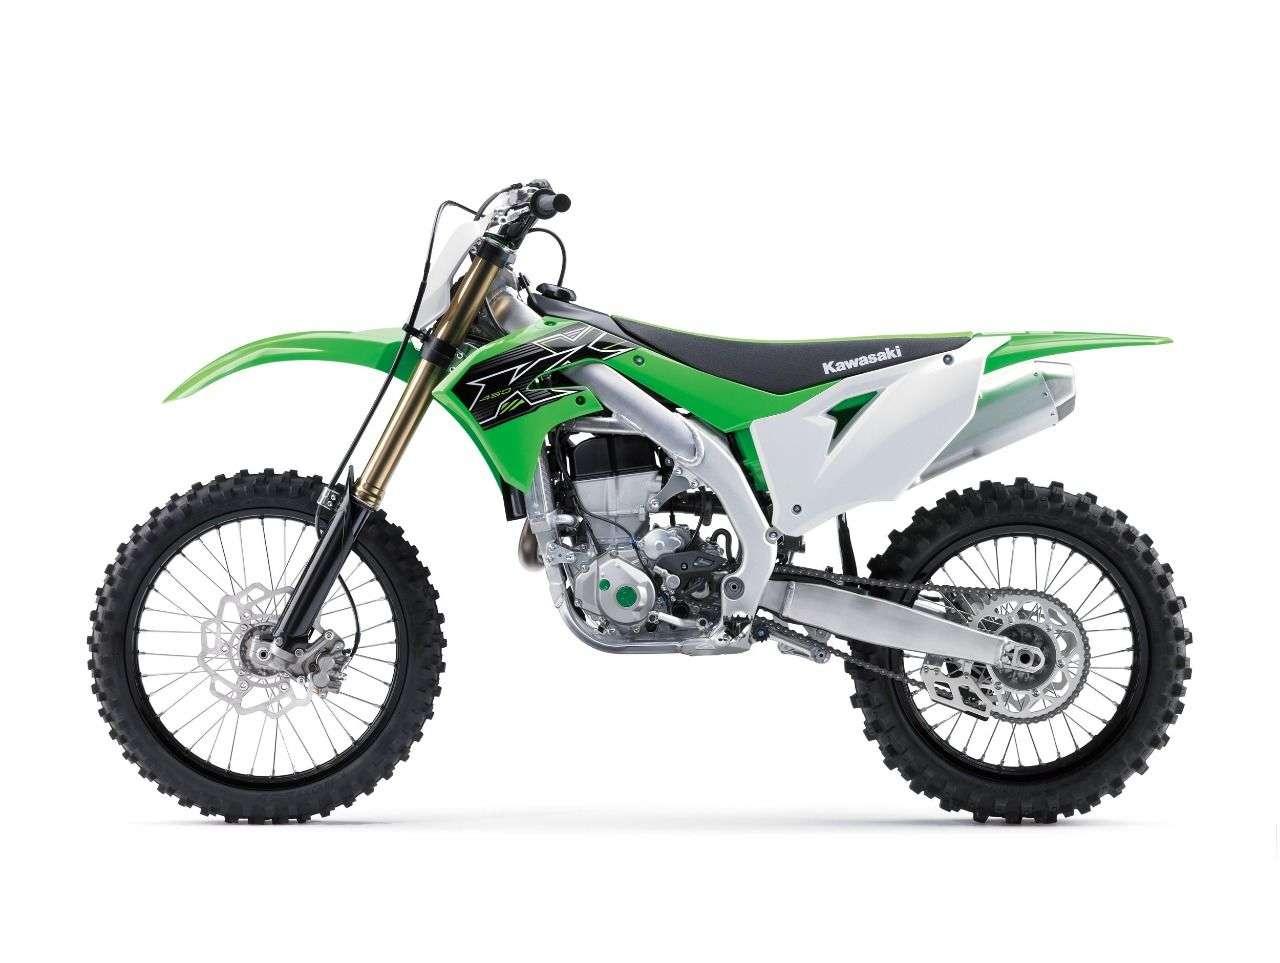 Neu bei der Kawasaki KX450 2019: E-Starter, eine hydraulische Kupplung und eine 49 mm-Upside-Down-Gabel mit mechanischer Feder von Showa.